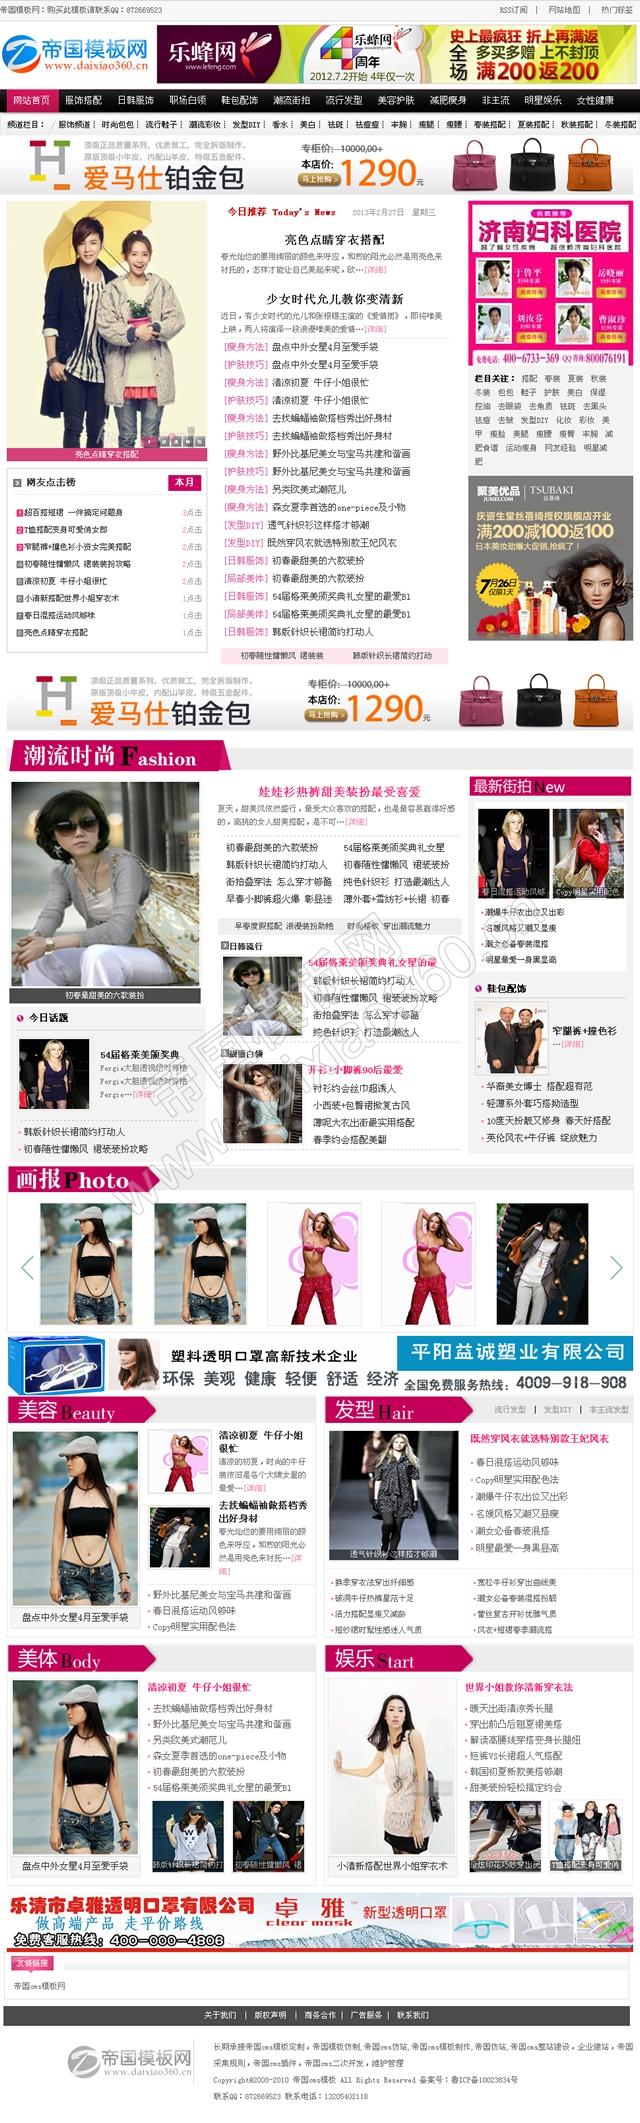 帝国cms女性女人服饰搭配网站模板_首页